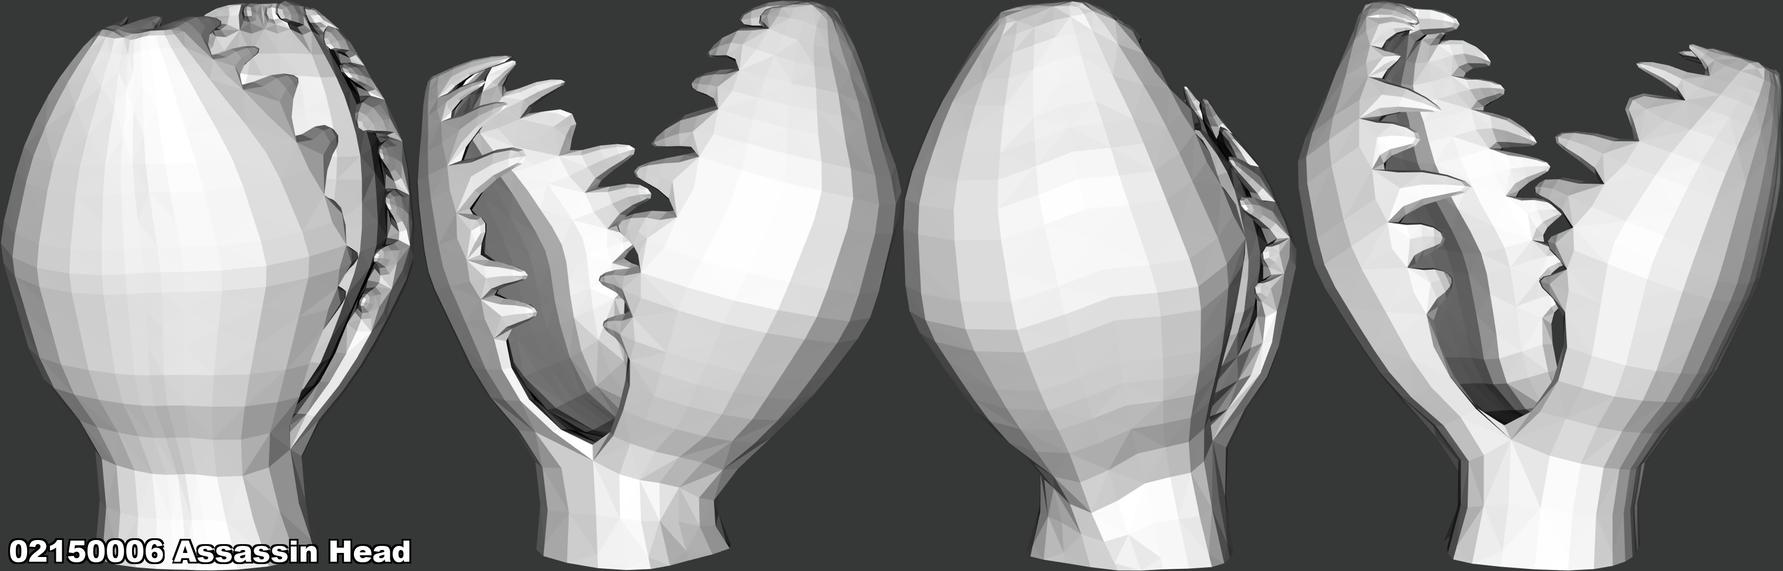 02150006 Assassin Head.png